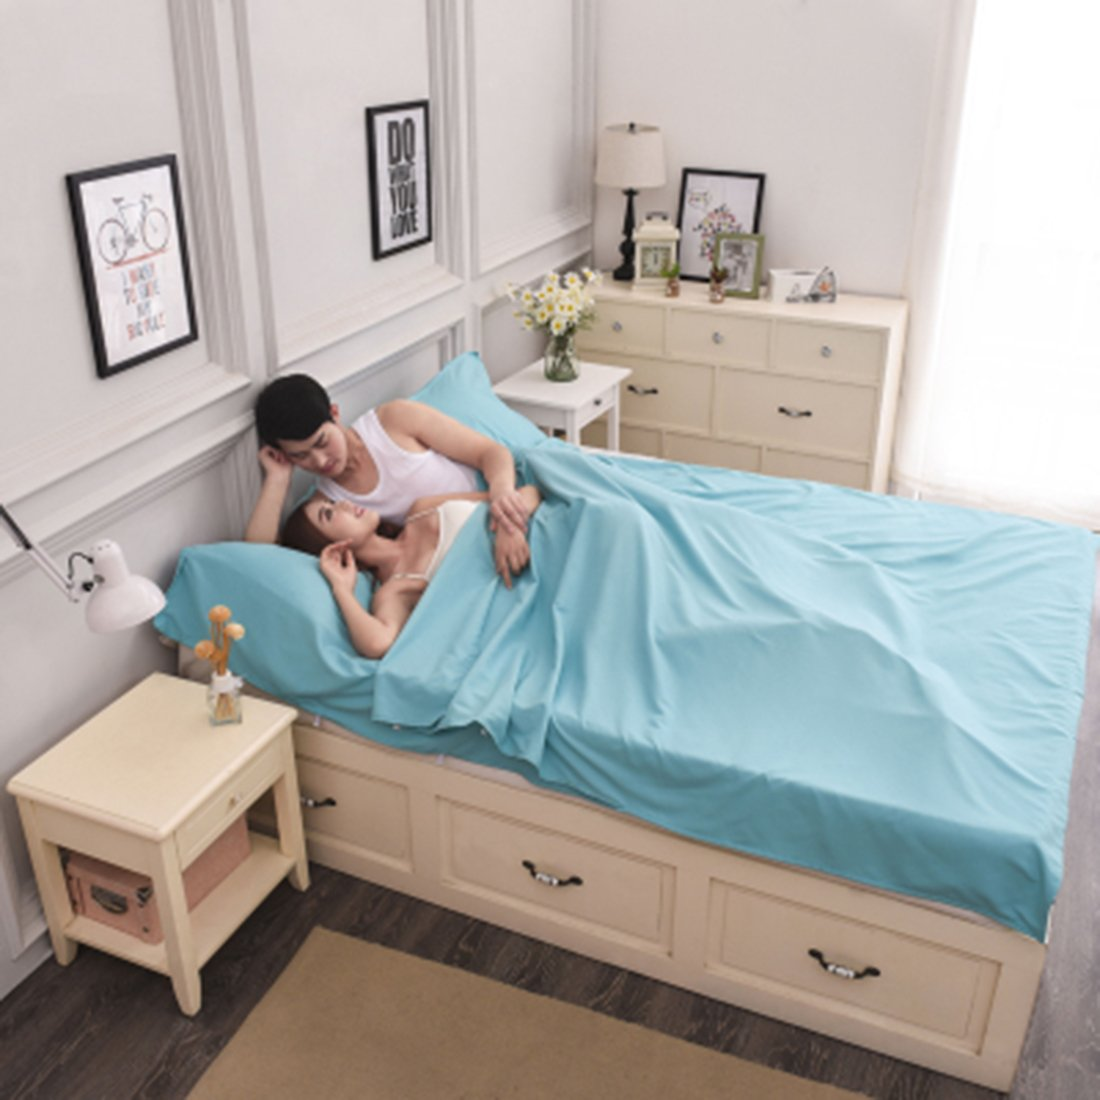 LINGJUN Durable y Hoja de Super Suave Viaje//Saco de Dormir//Saco de Dormir Liner con Bolsillos Funda de Almohada para Cama de Camping Bolsa Sky Blue-Double